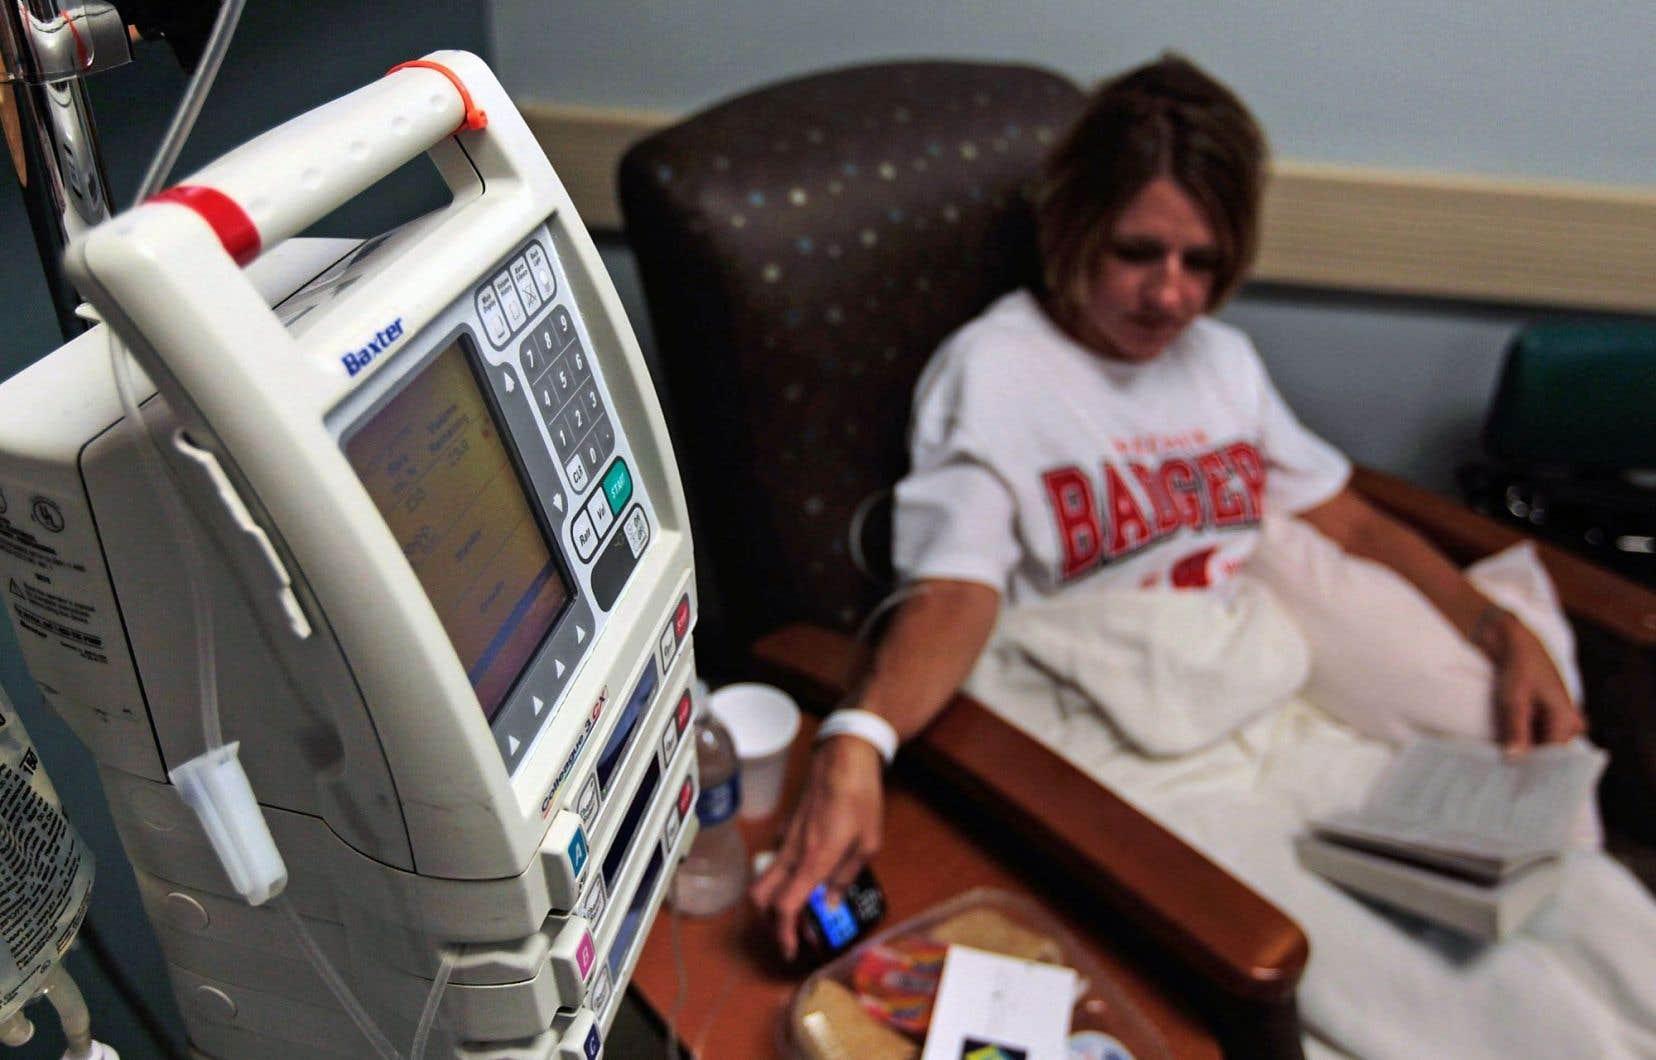 La chimiothérapie s'avère le traitement le plus efficace pour lutter contre un cancer. Refuser un traitement médical ou tout simplement le retarder et préférer avoir recours aux médecines douces est un choix dangereux qui laisse la voie libre au développement du cancer.